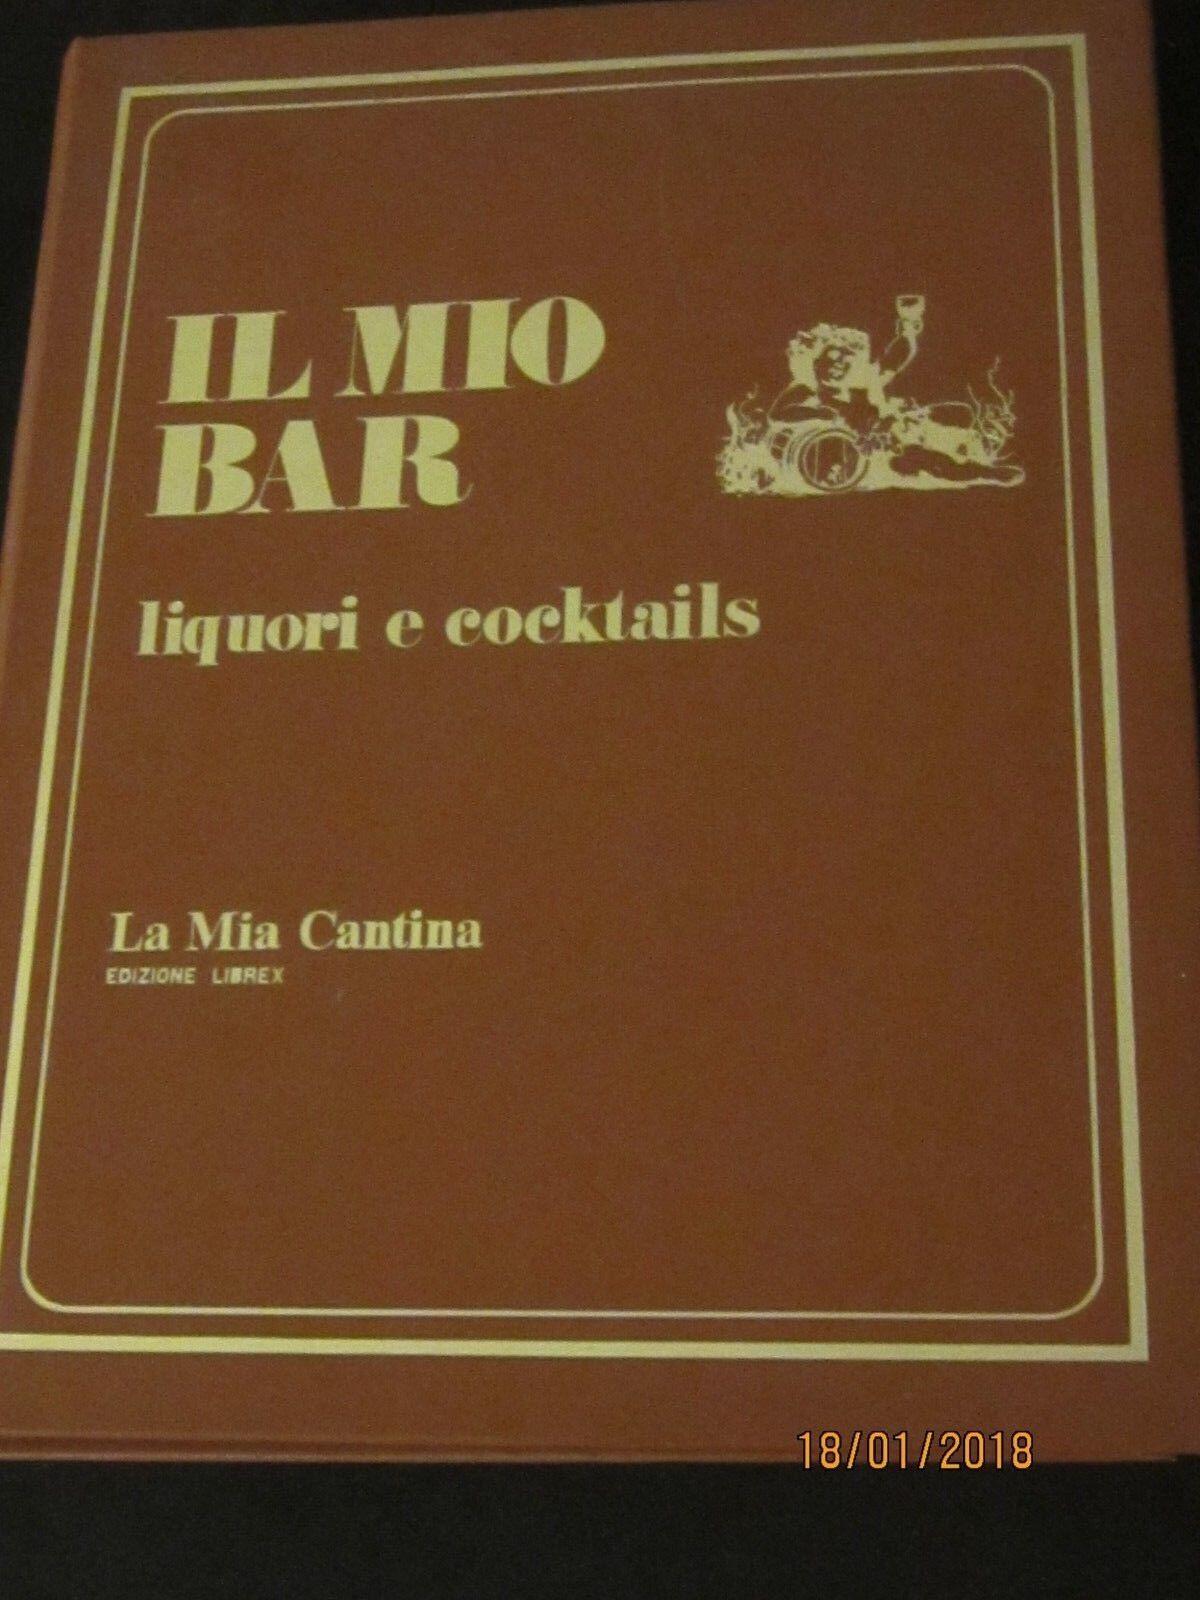 La mia Cantina Vini Stranieri & Il mio Bar liquori e cocktails 1 volume